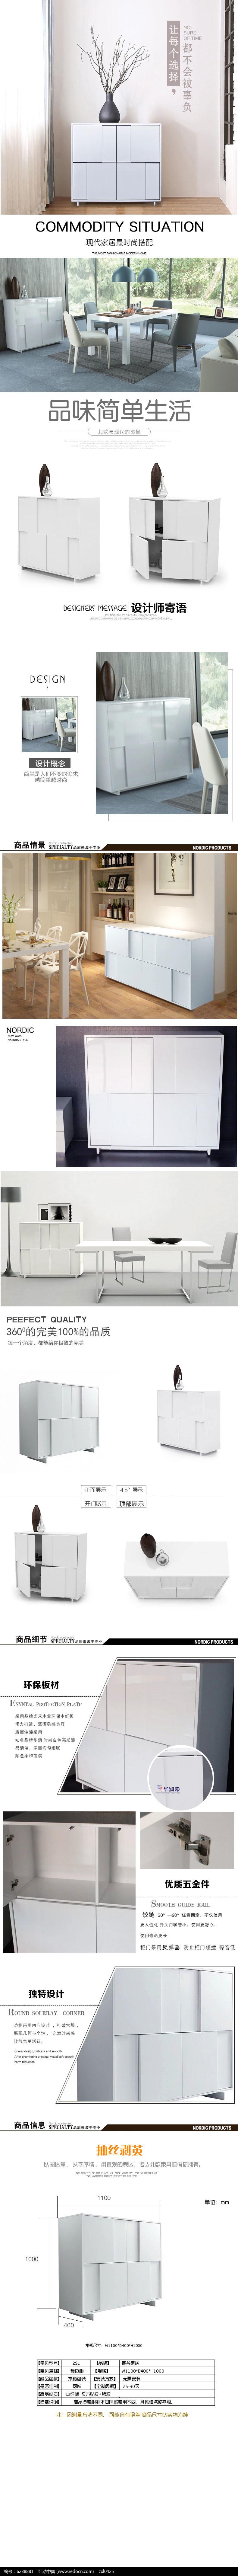 白色凹凸餐边柜家具定制边柜详情图片